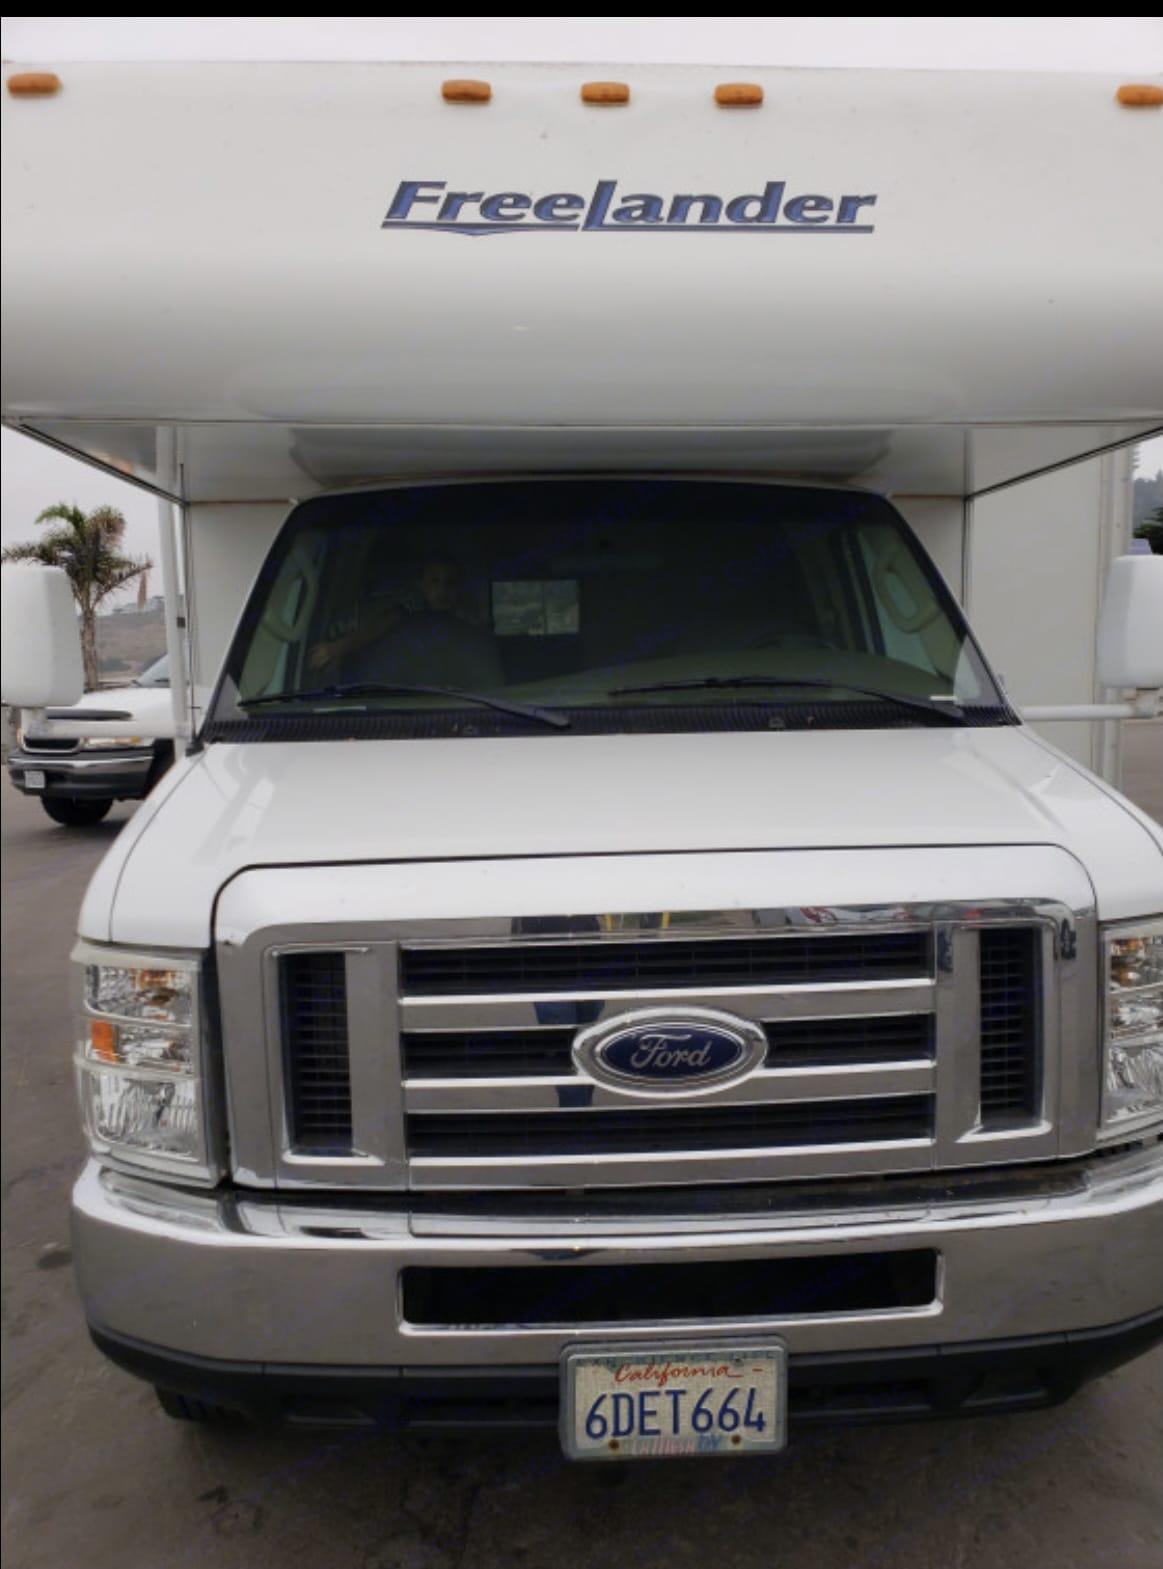 Coachmen Freelander 2009